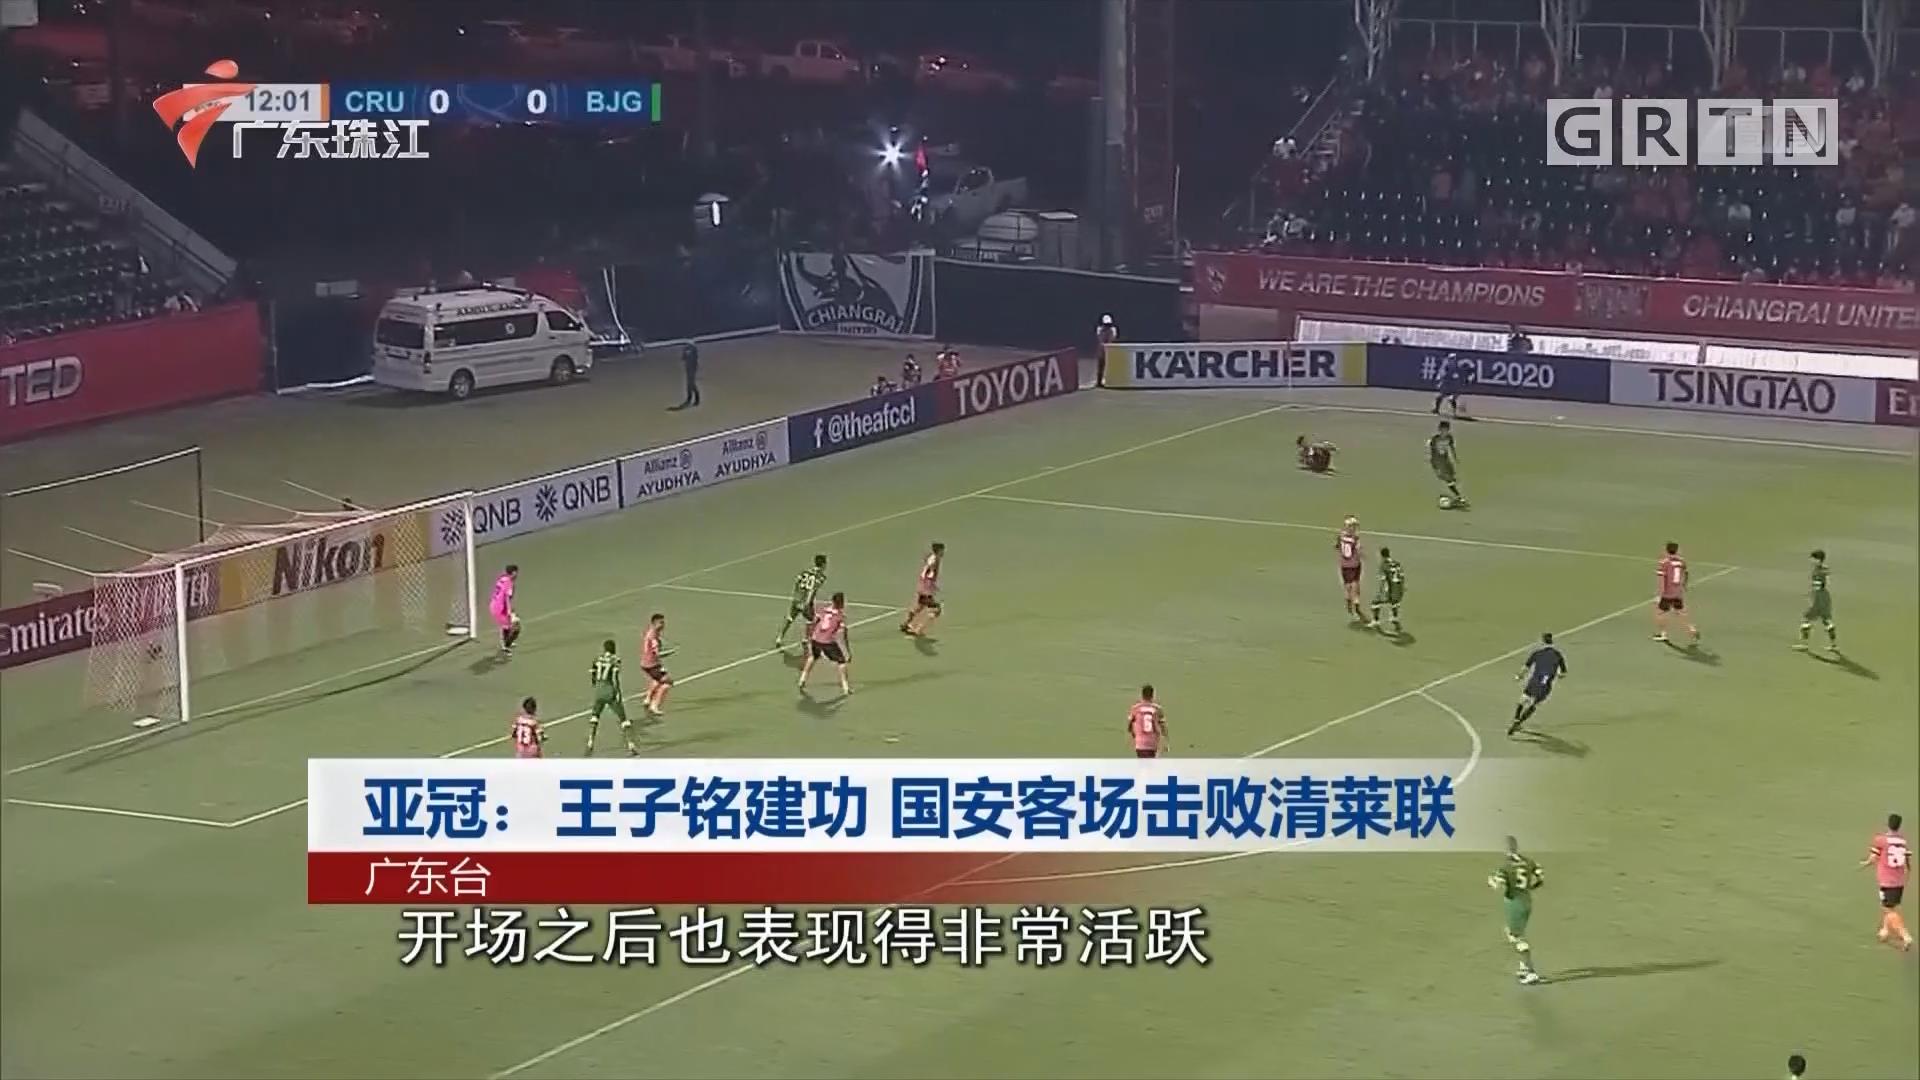 亚冠:王子铭建功 国安客场击败清莱联